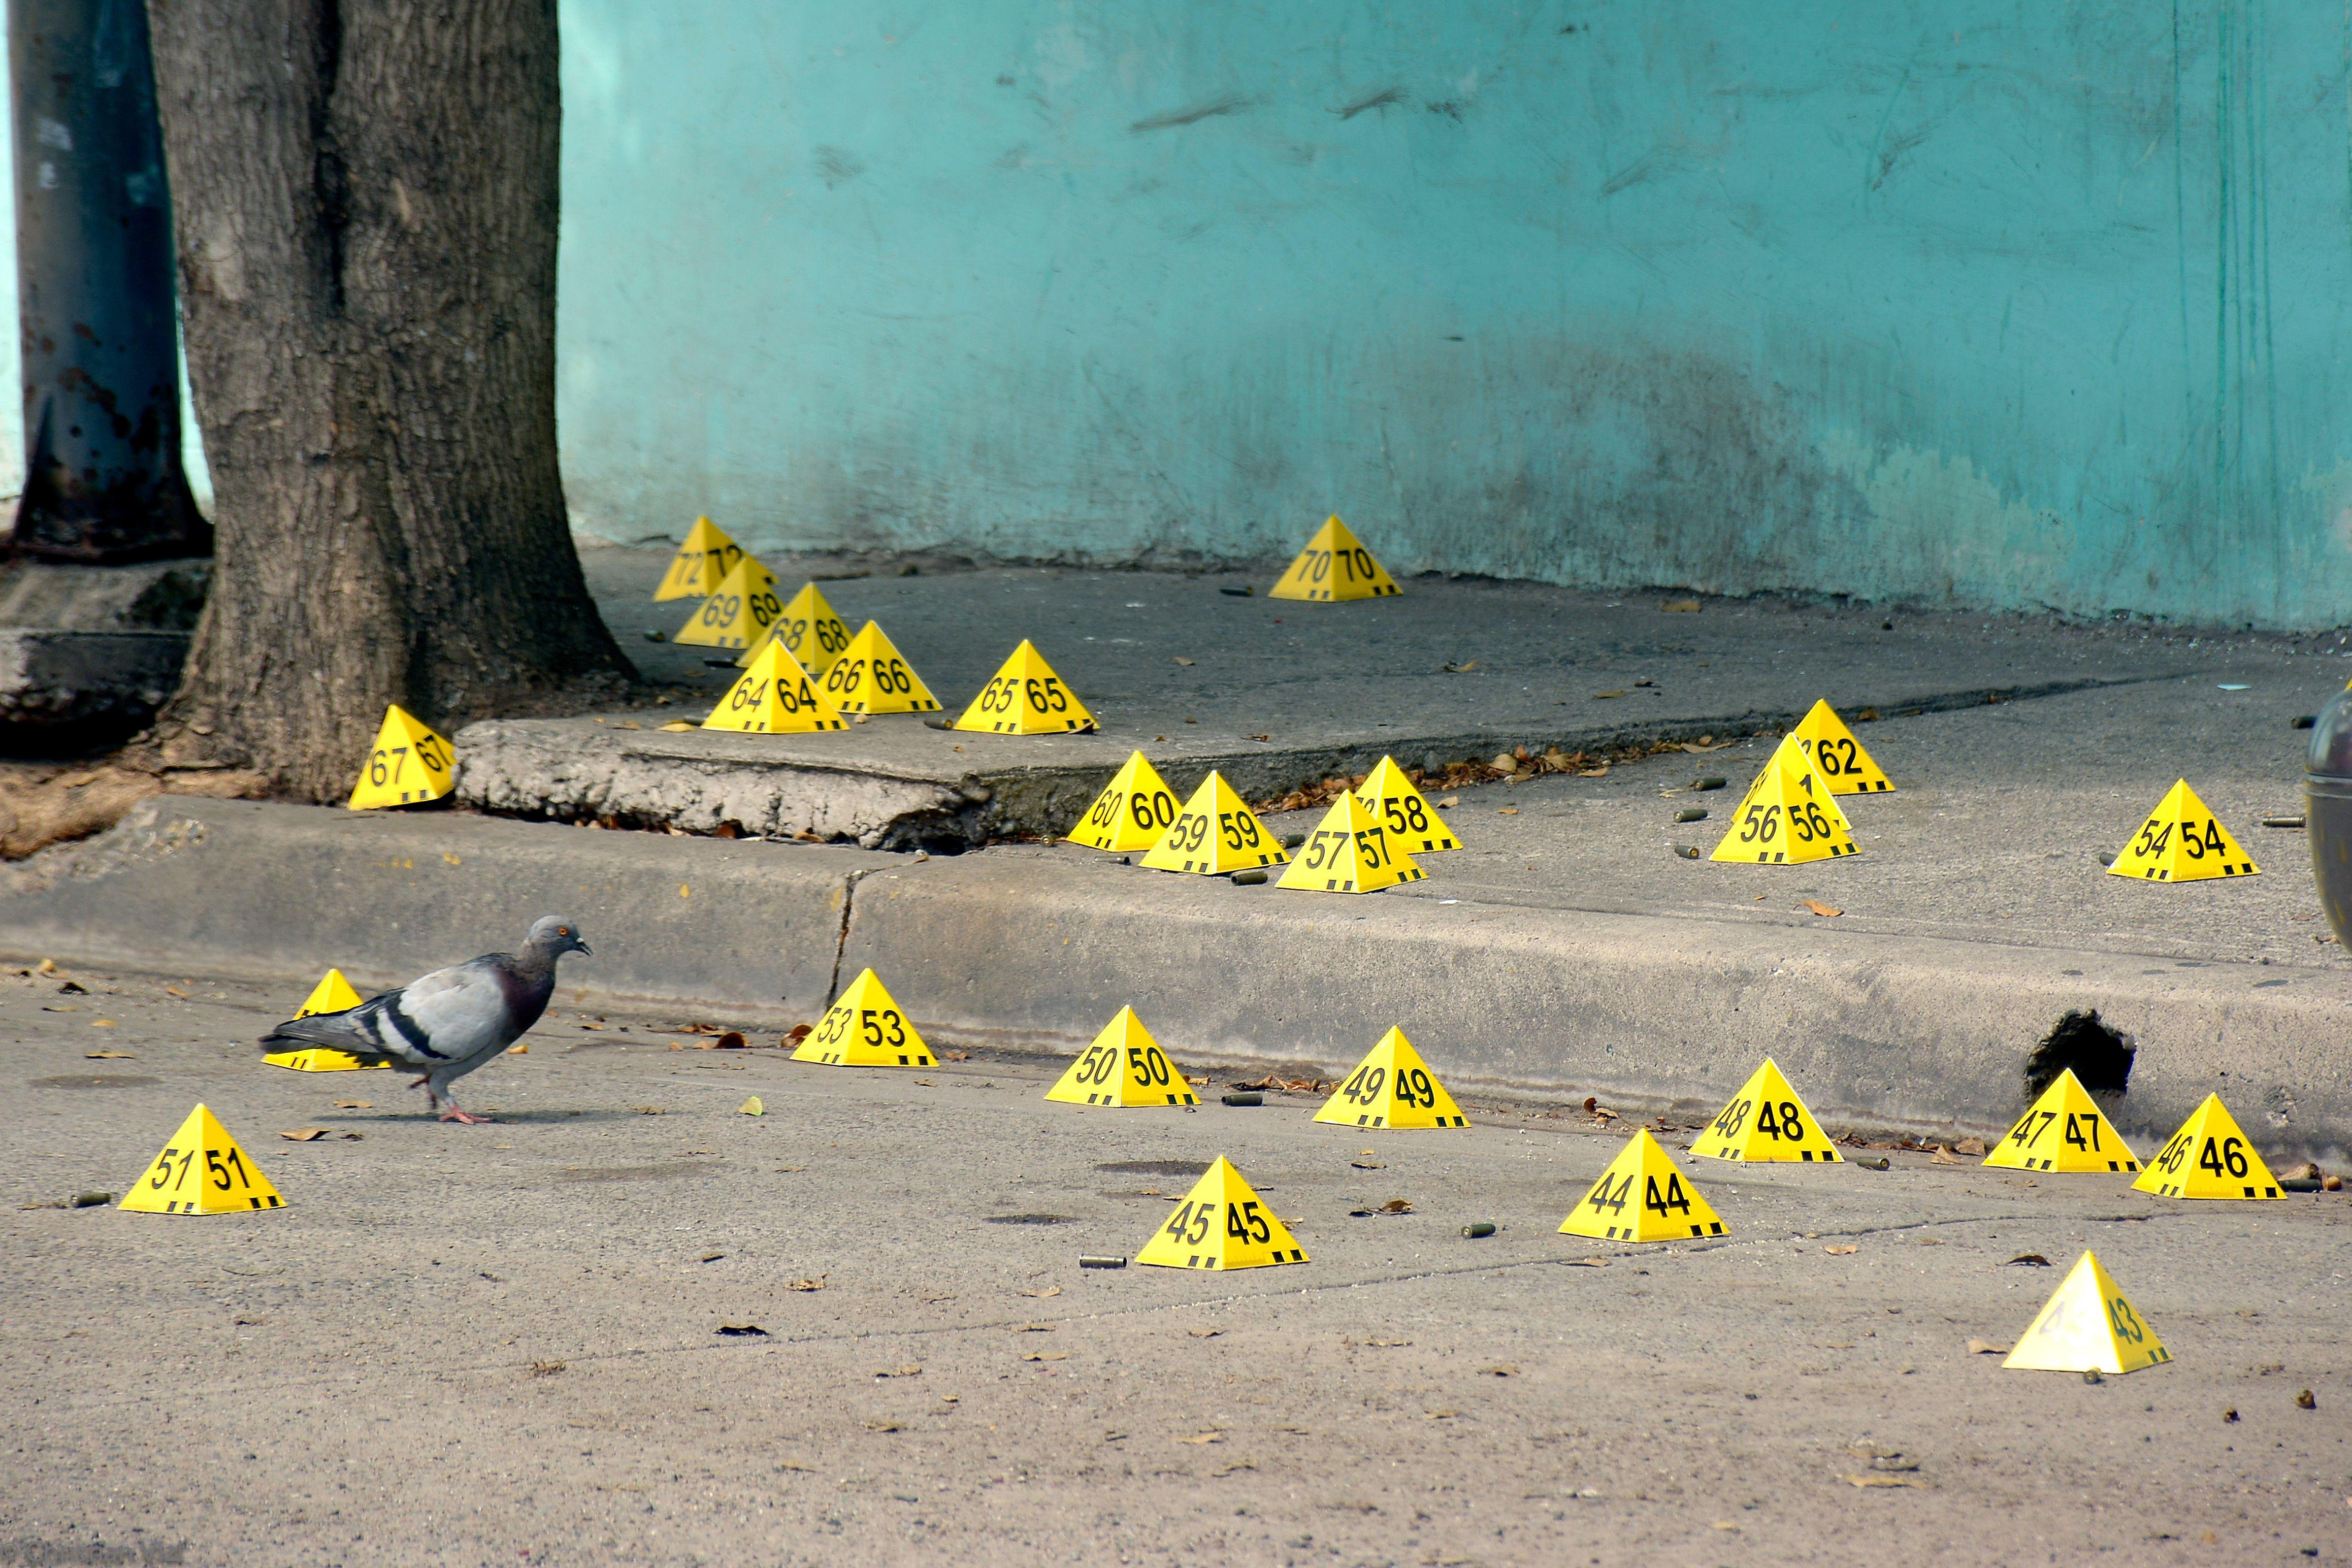 La violencia contra las mujeres en Sinaloa se ha disparado: ya suman 30 en lo que va del año (FOTO: JUAN CARLOS CRUZ/CUARTOSCURO.COM)